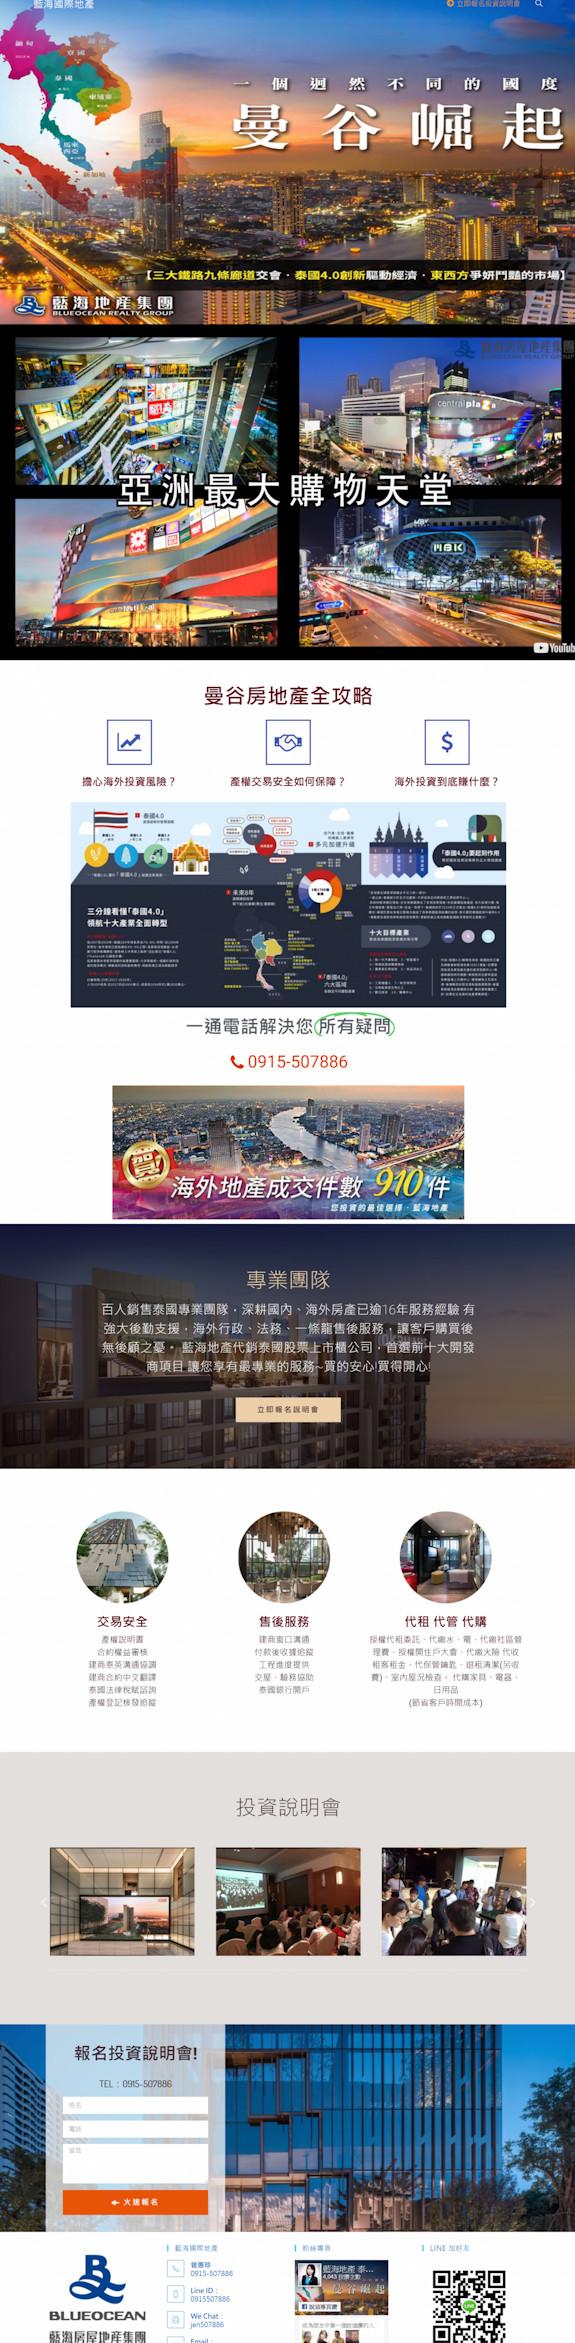 網頁設計-藍海國際地產2